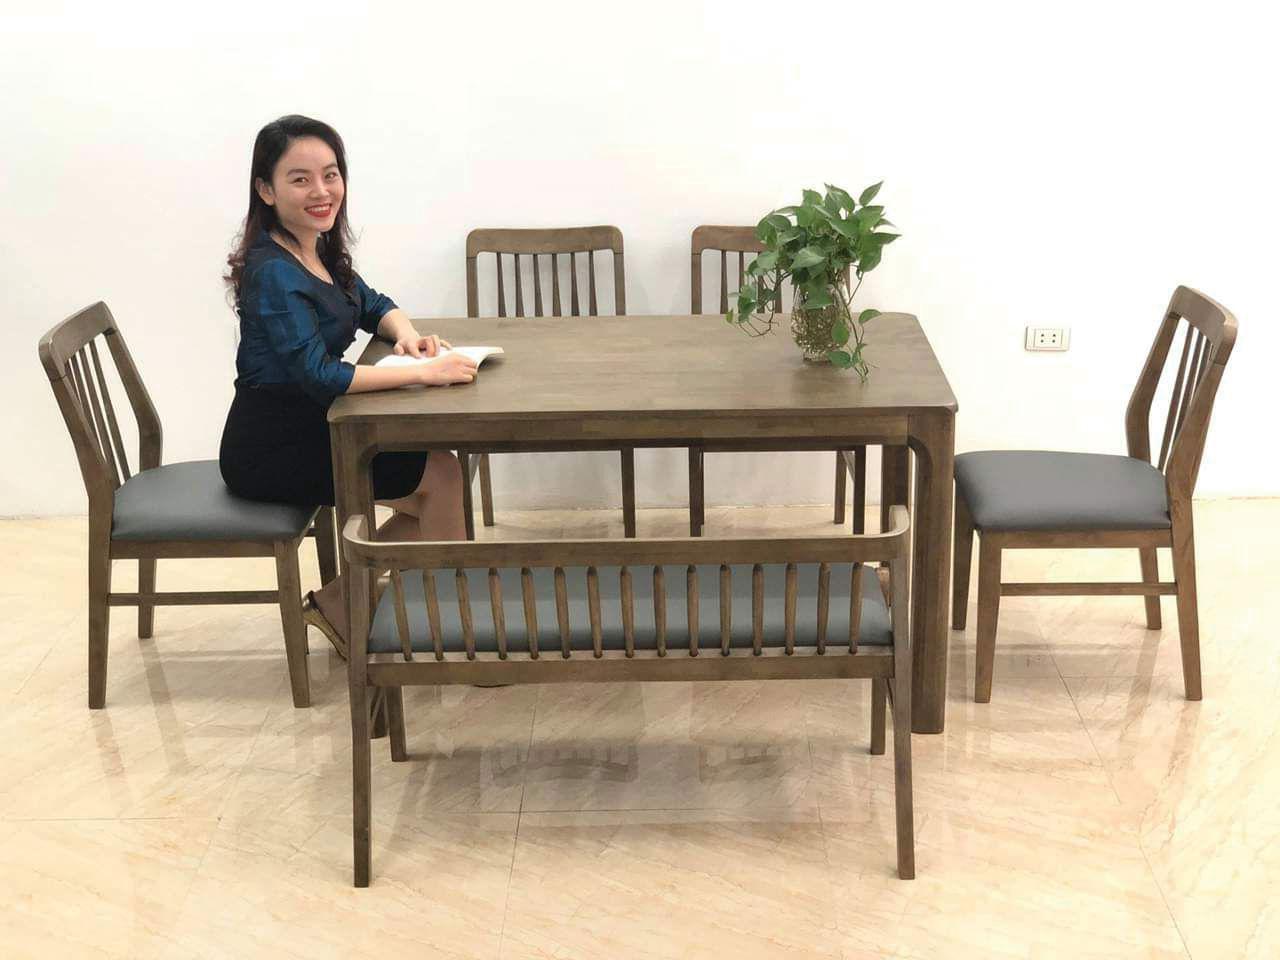 Giao bàn ăn gỗ óc chó cho chị Hồng chung cư Yên Hòa, Cầu Giấy